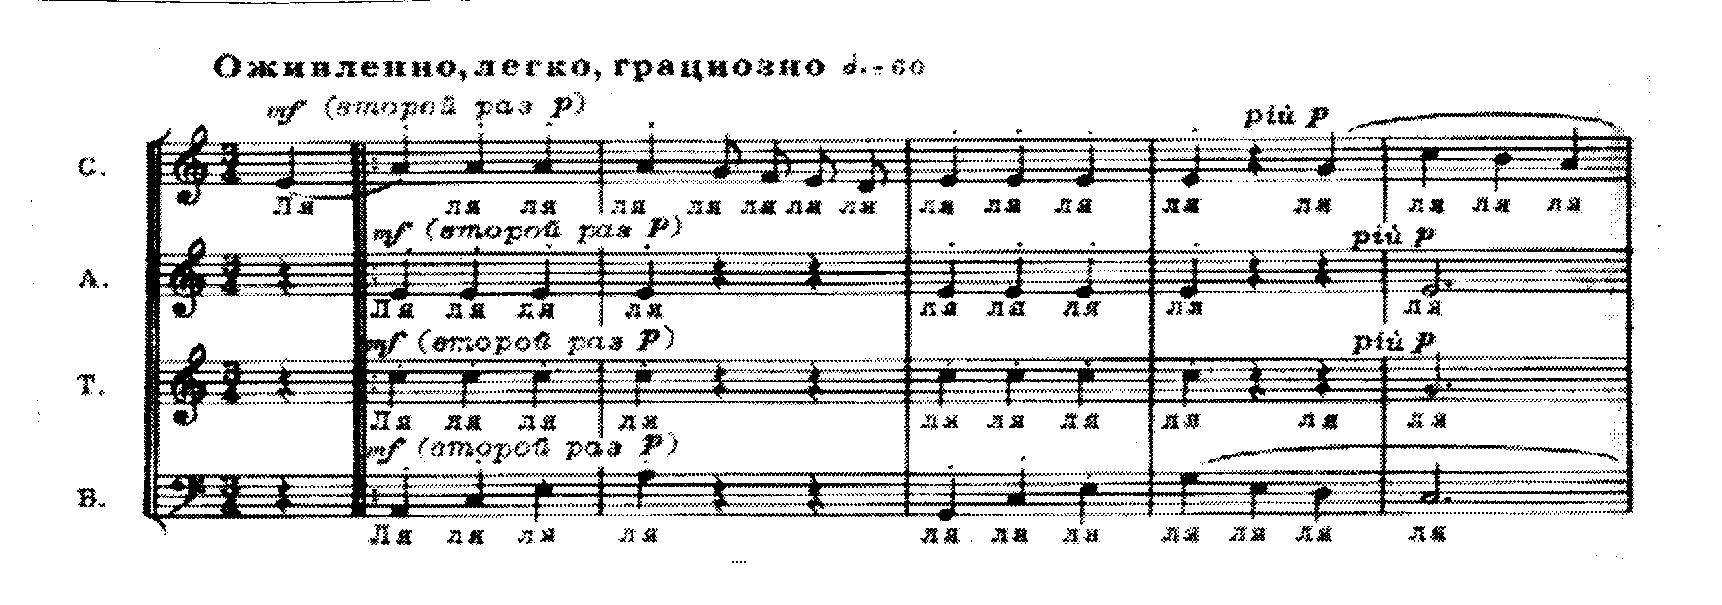 Фактура в музыке - это... определение и виды фактуры в музыке